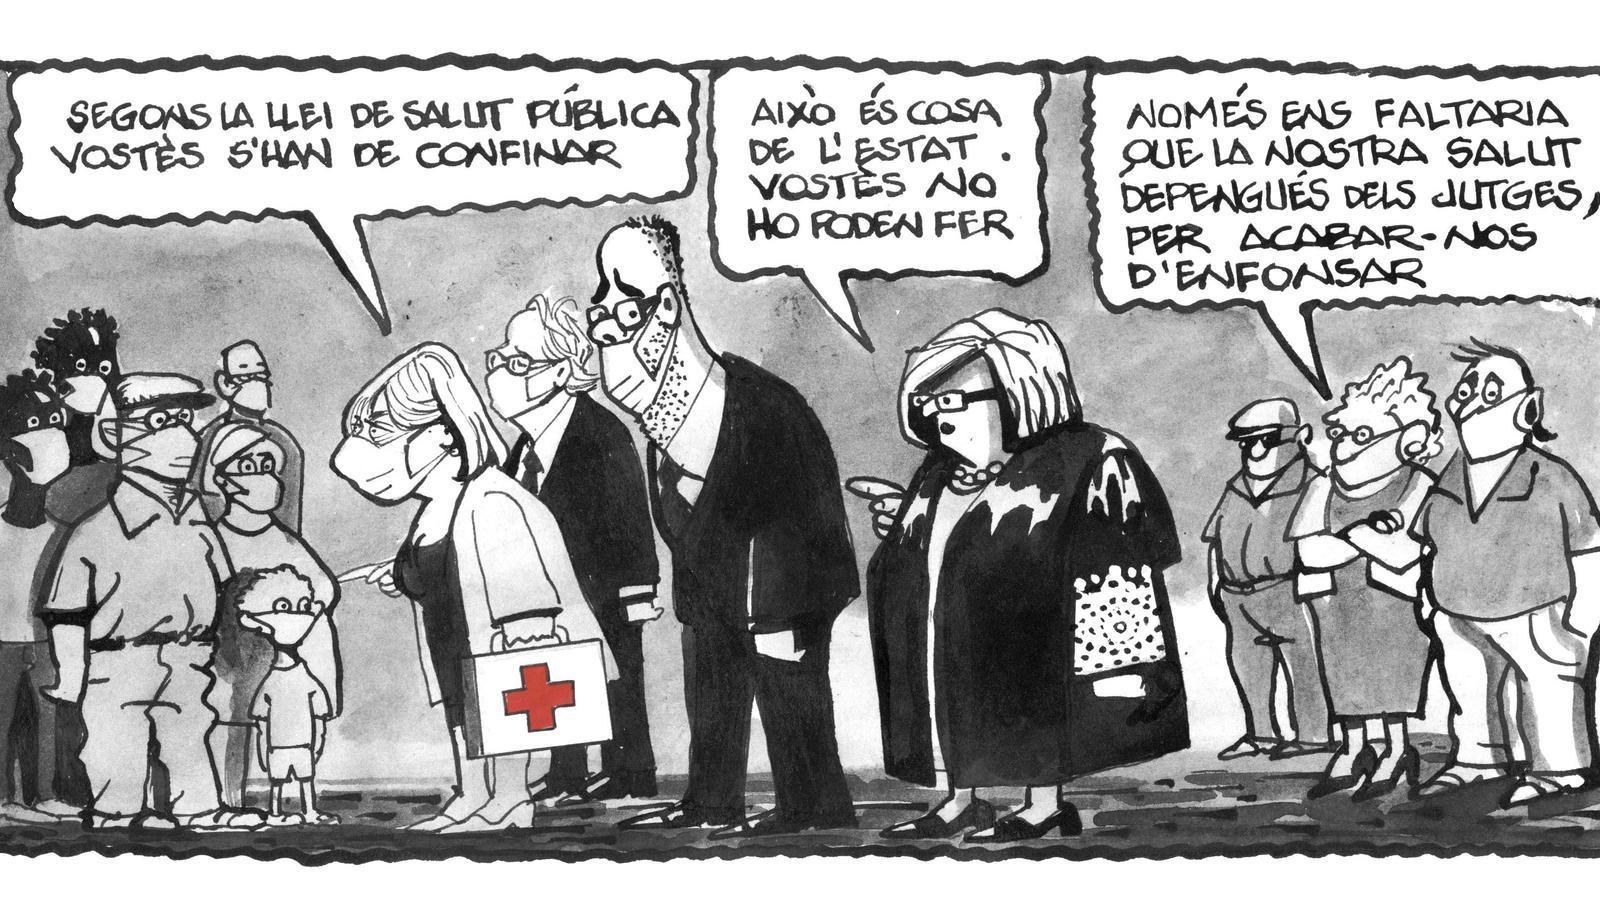 'A la contra', per Ferreres 14/07/2020